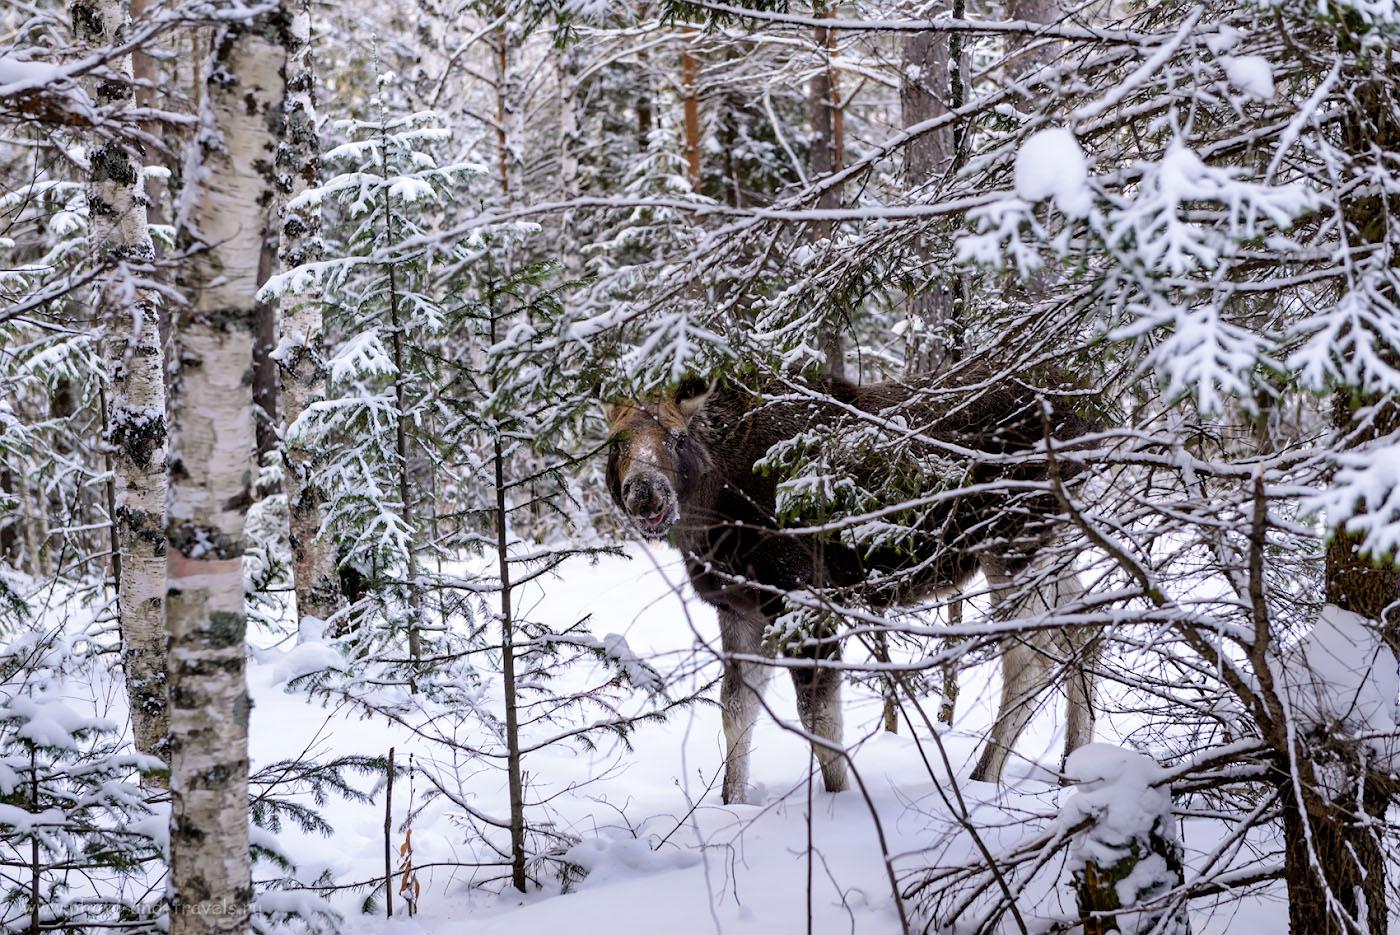 Фото 3. Лось в тайге национального парка Зюраткуль. 1/320, 5.0, 800, 70.